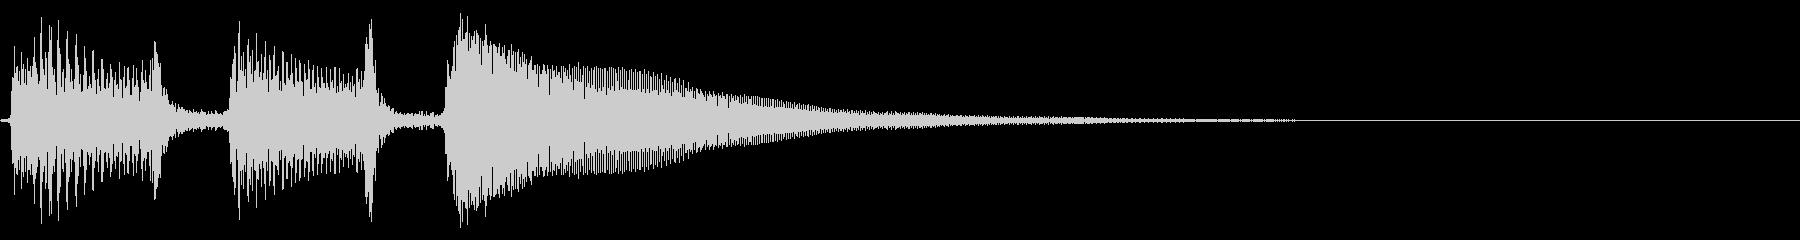 アコギ生音のジングル/元気2の未再生の波形